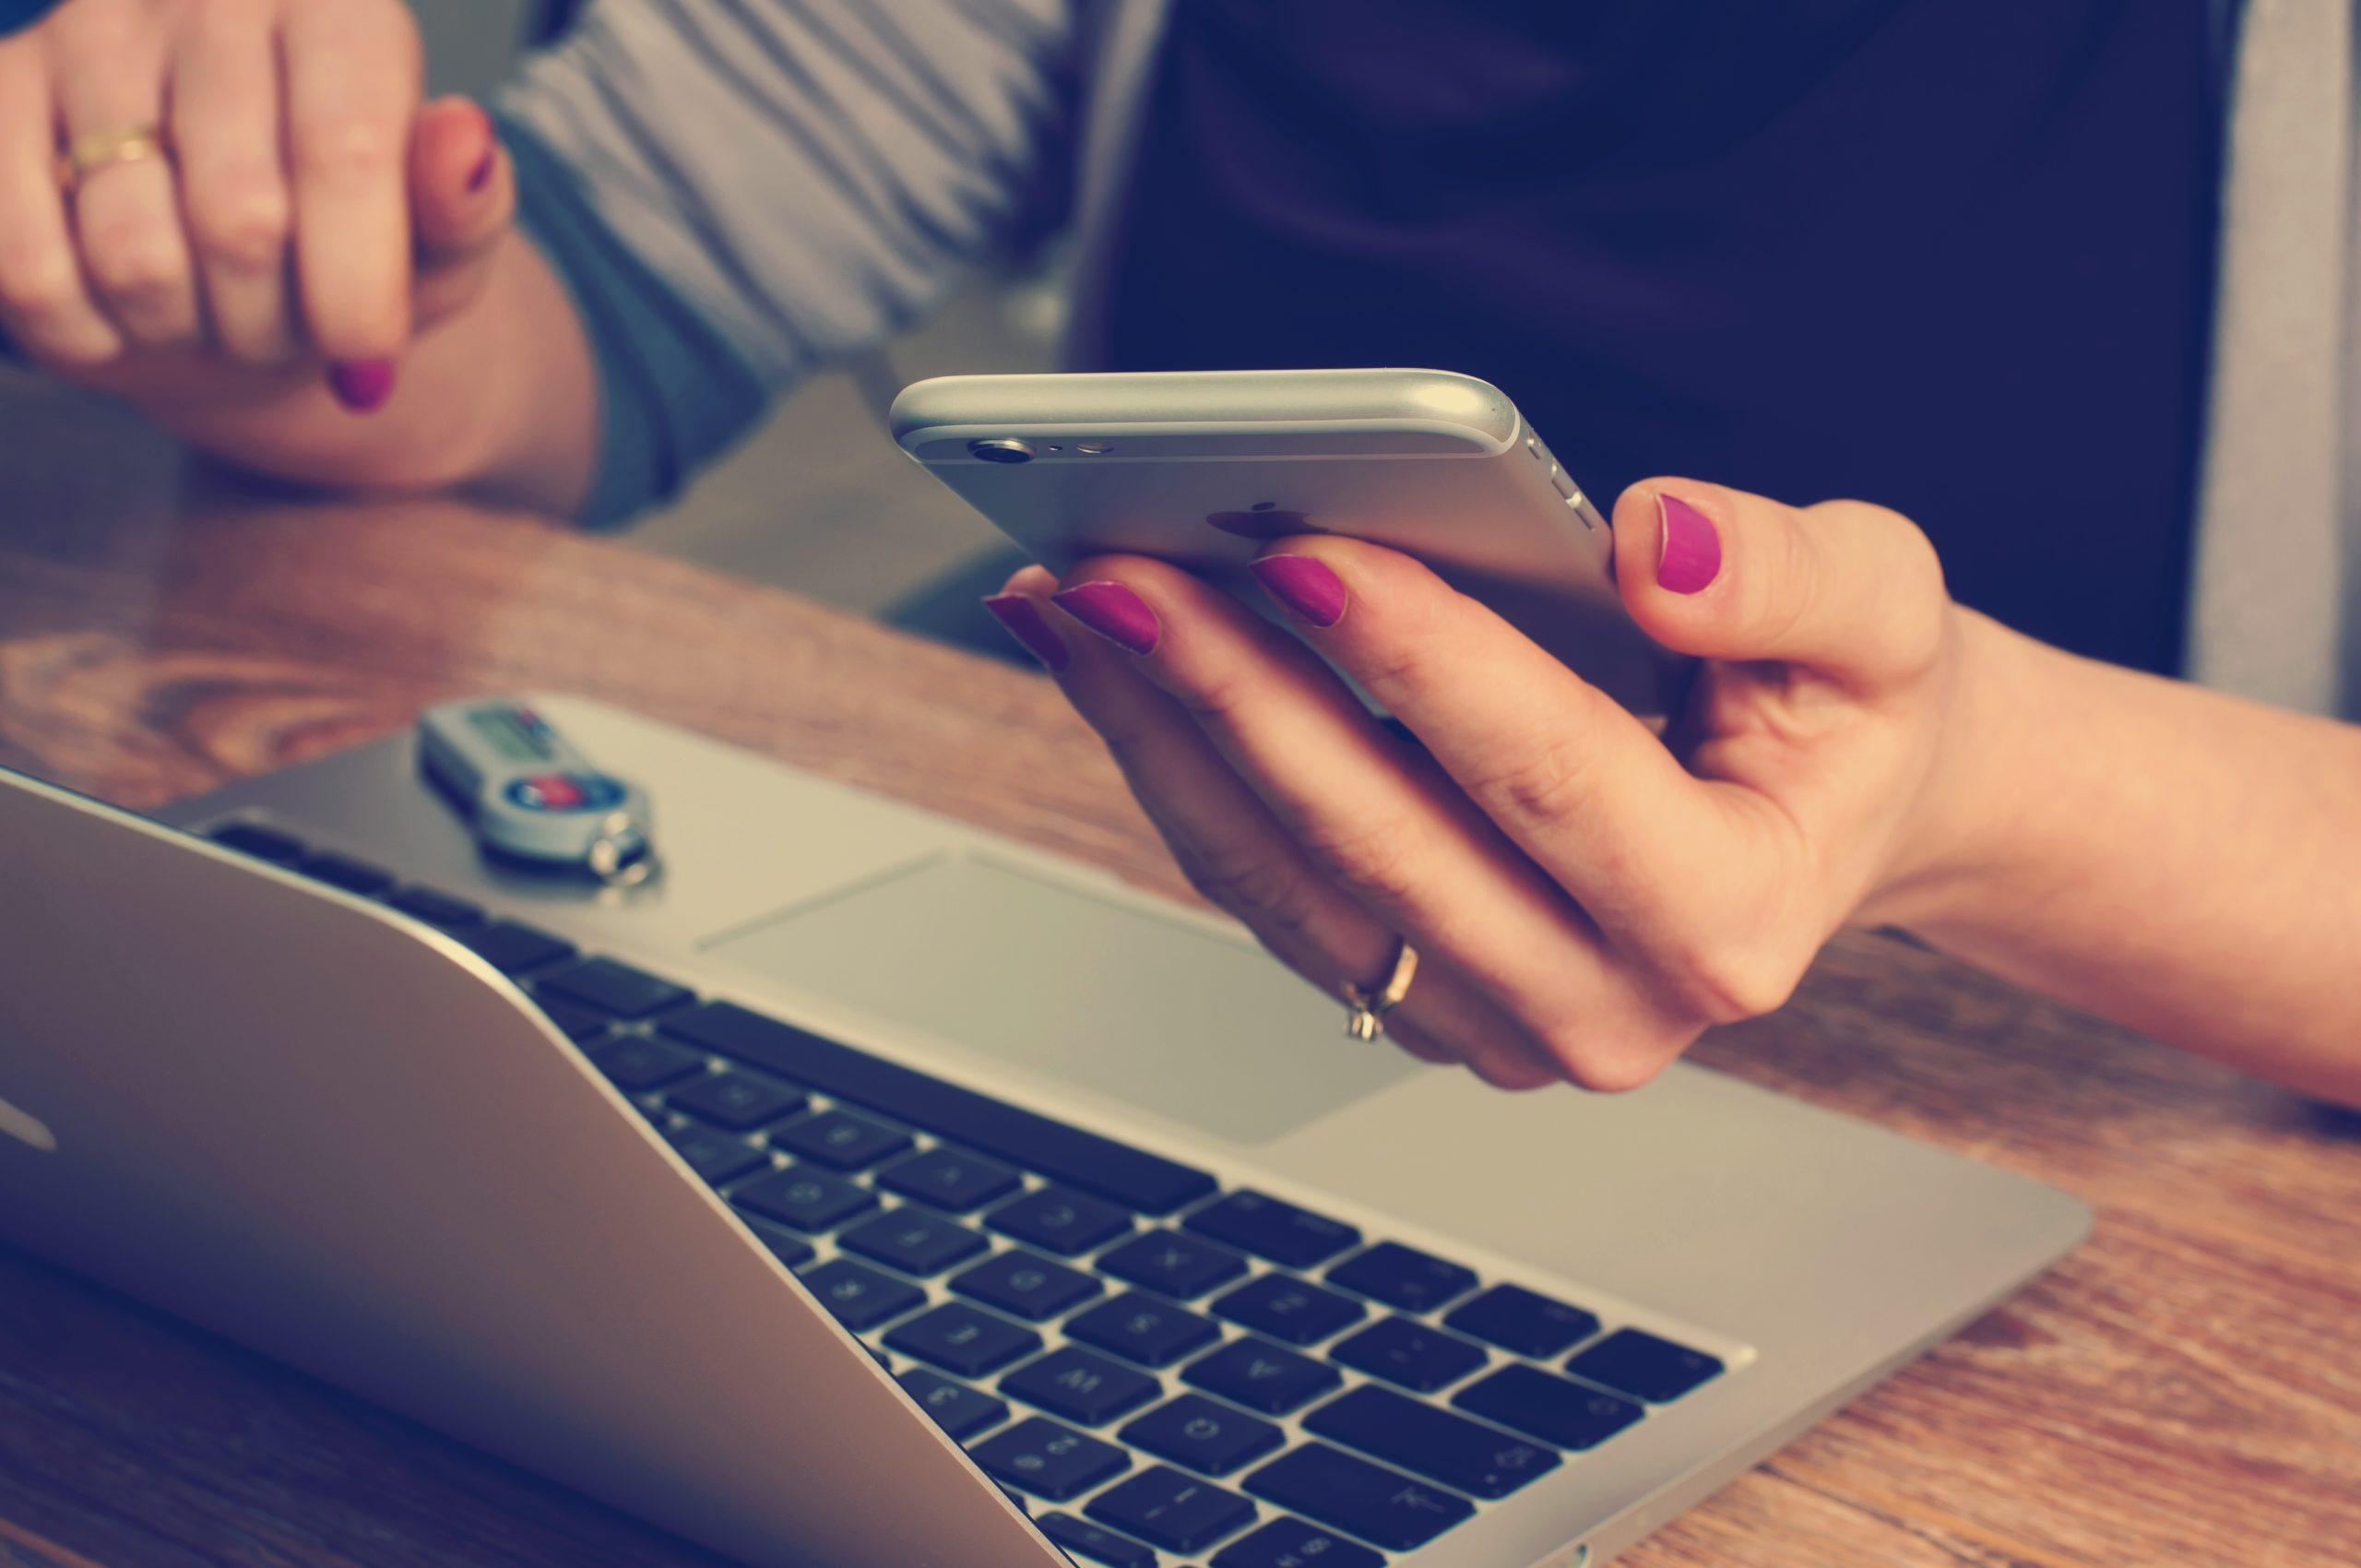 Mobiel abonnement met toestel nieuwe regels